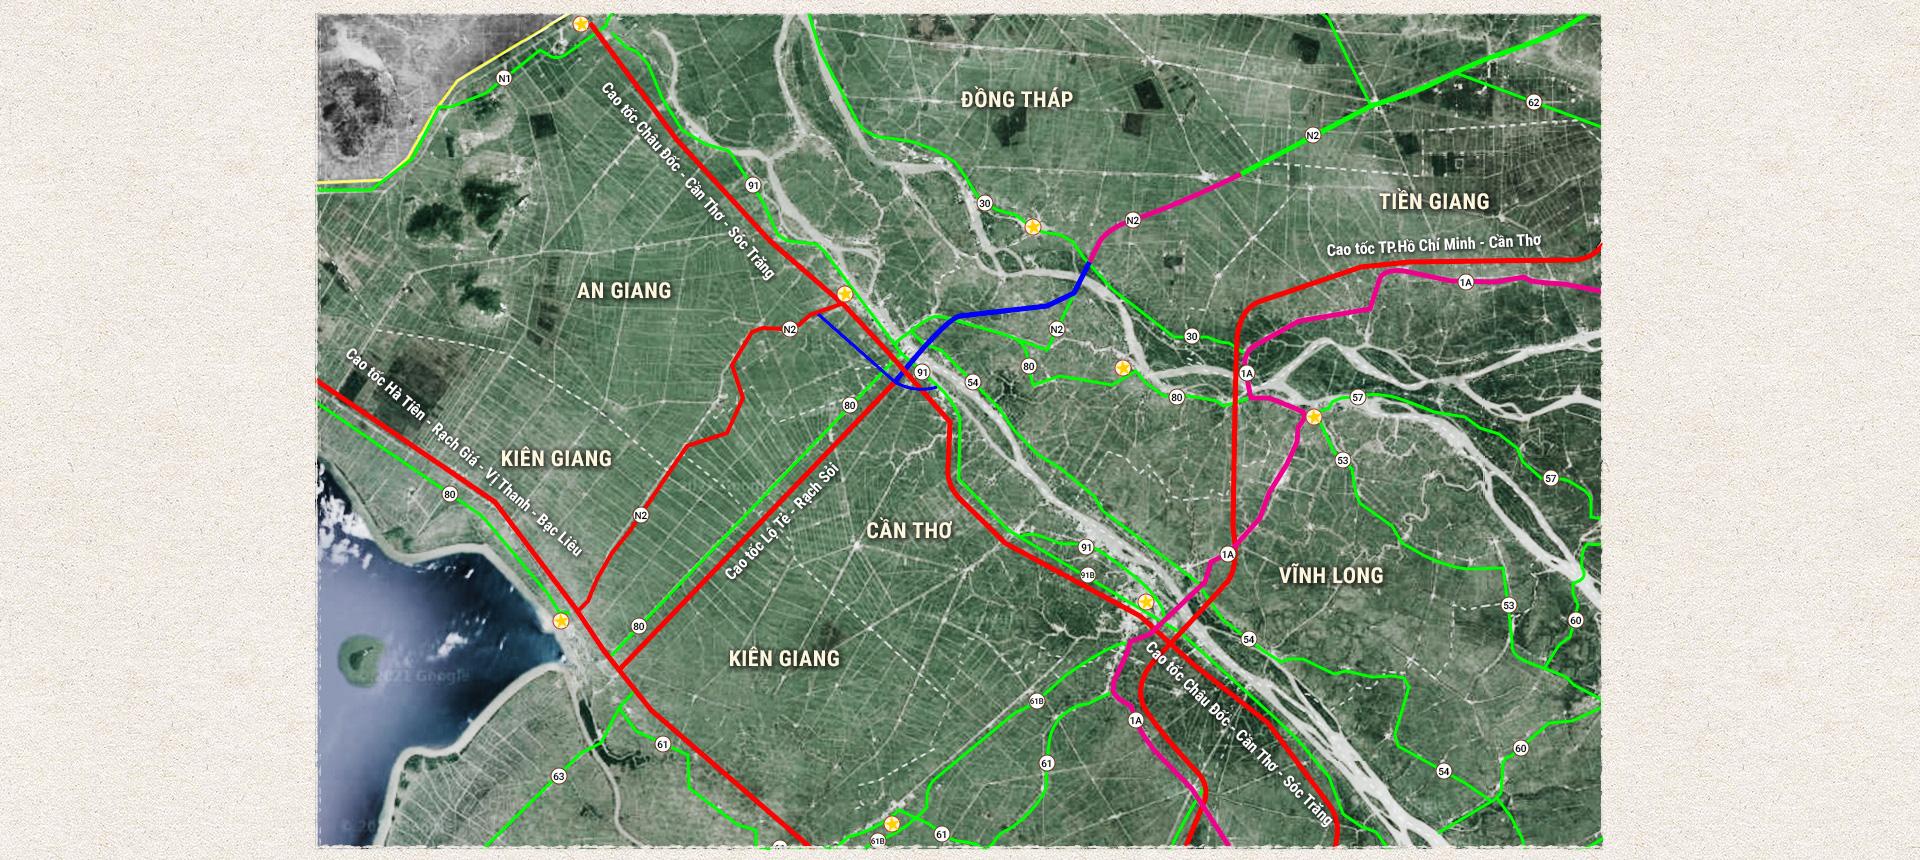 Kỳ 3: Các tuyến cao tốc phía Nam khu vực đồng bằng sông Cửu Long - Ảnh 2.